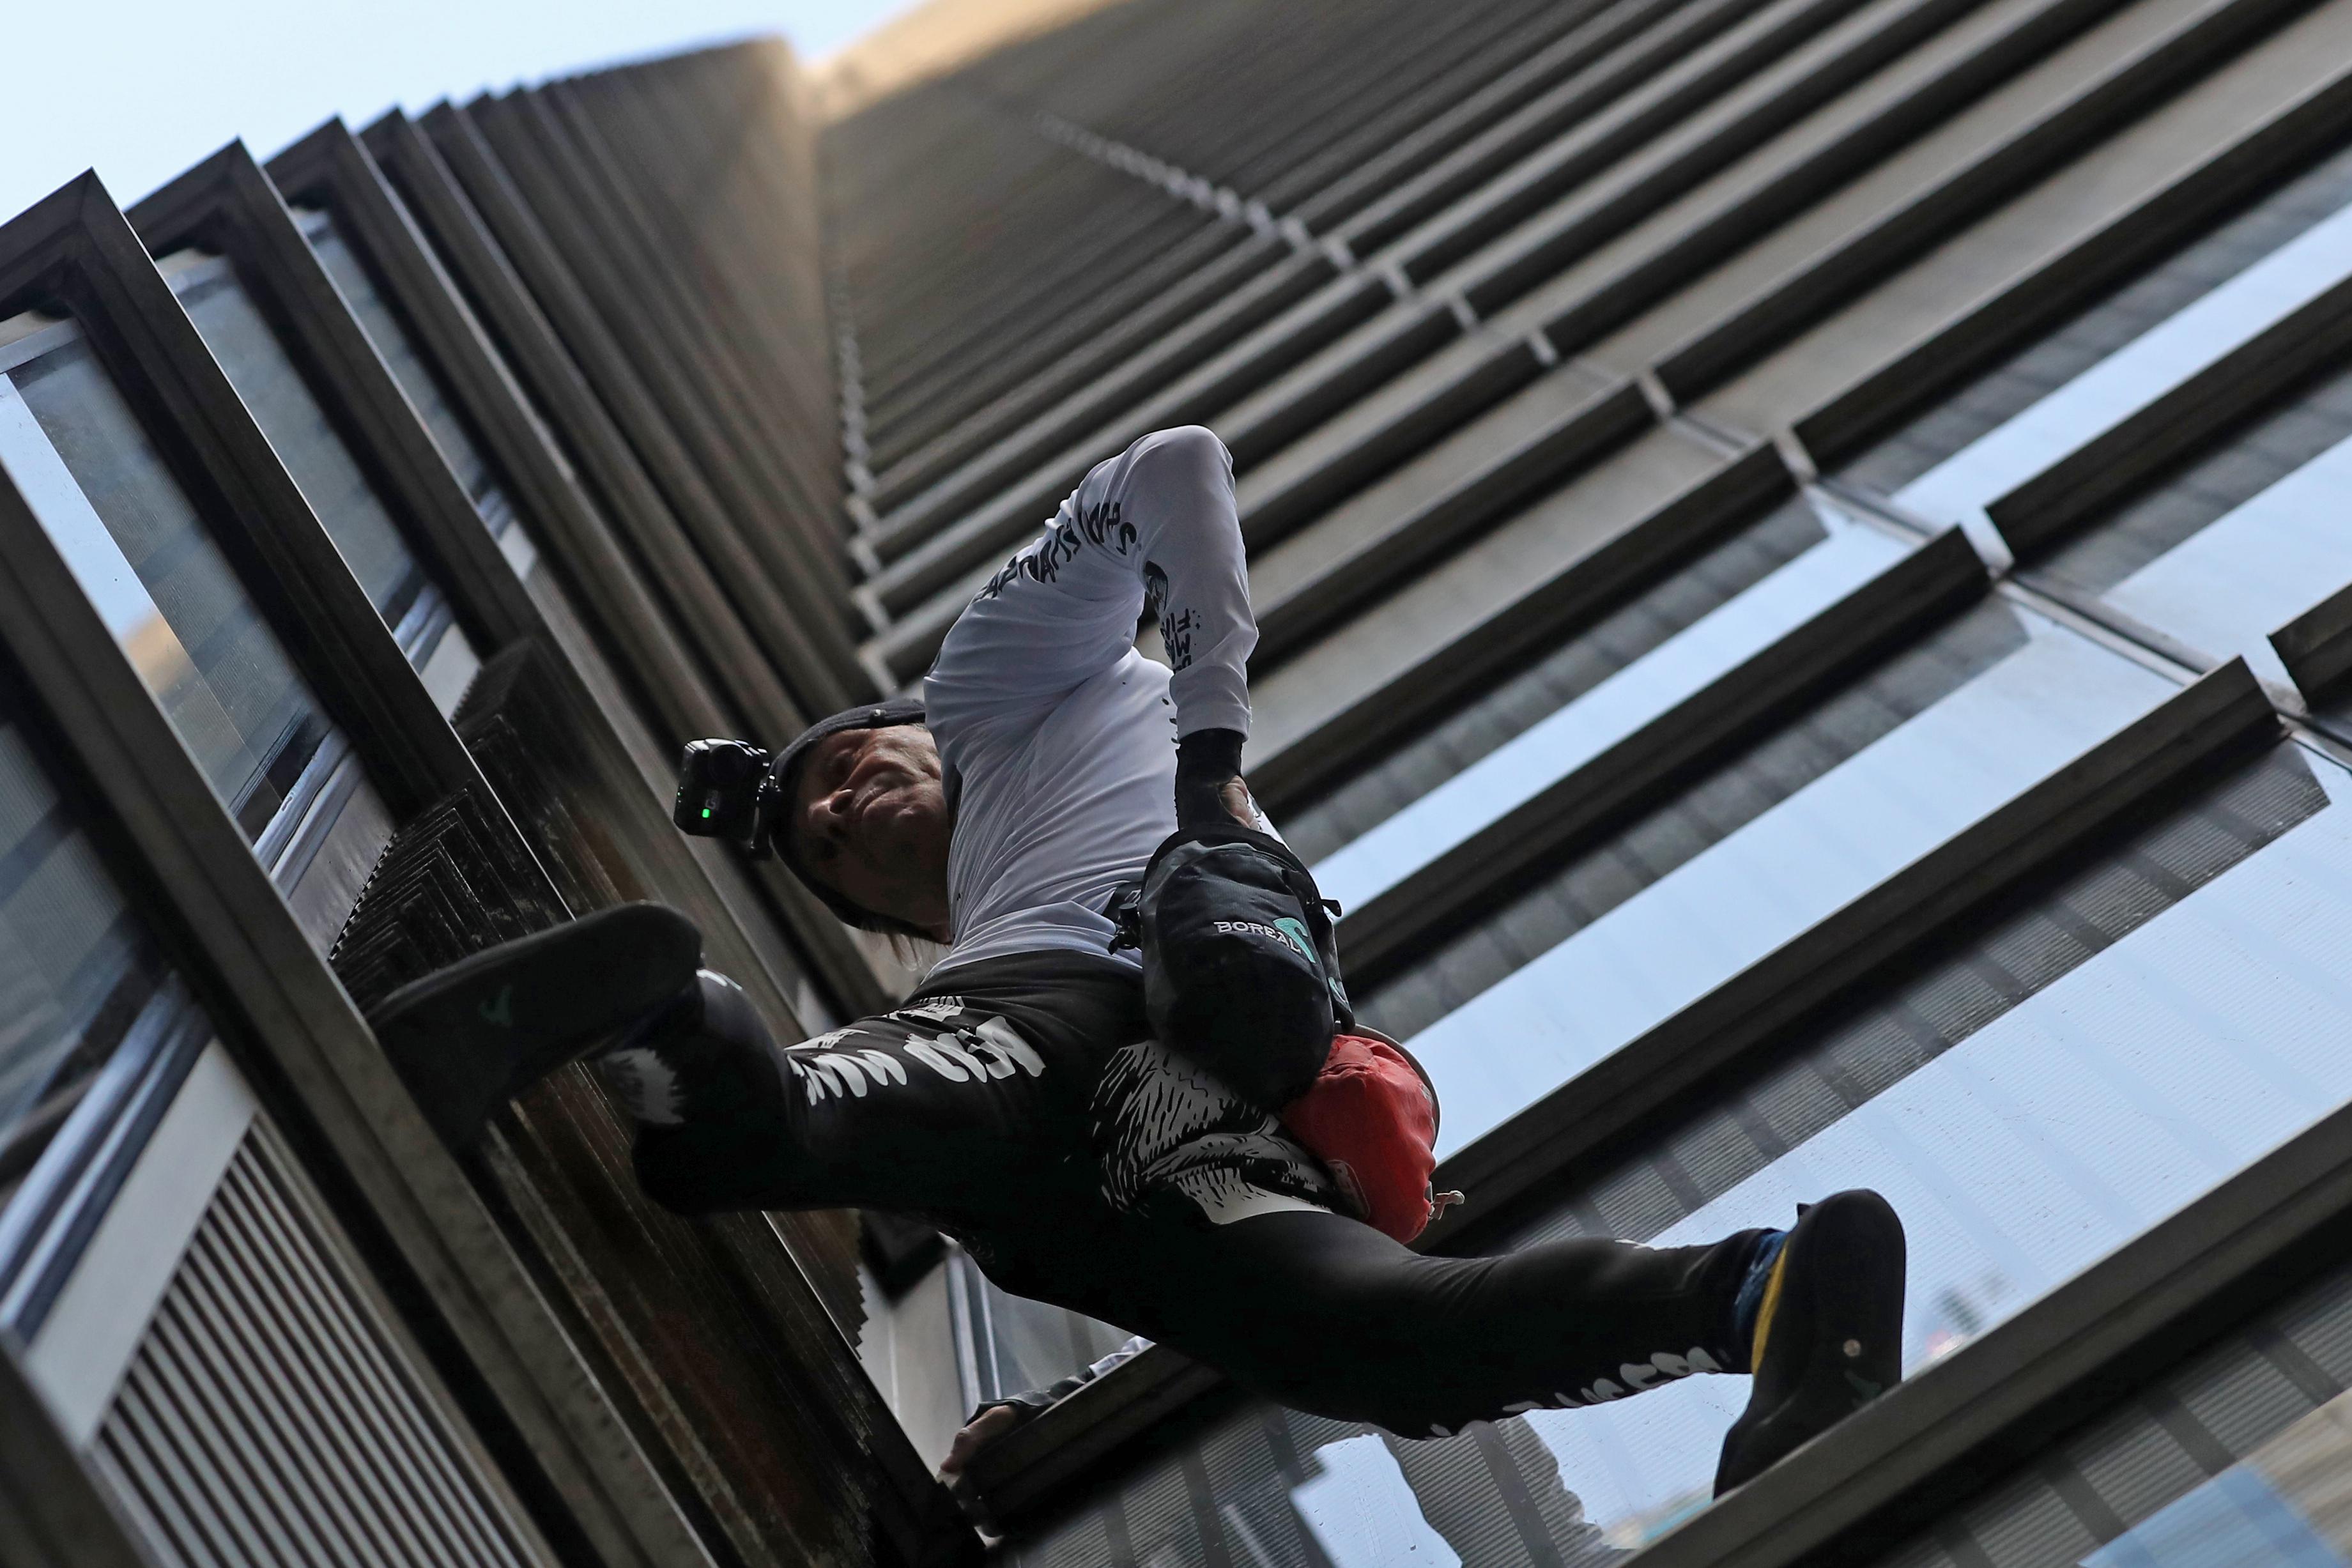 Letiltották a brit toronyházakról a francia pókembert